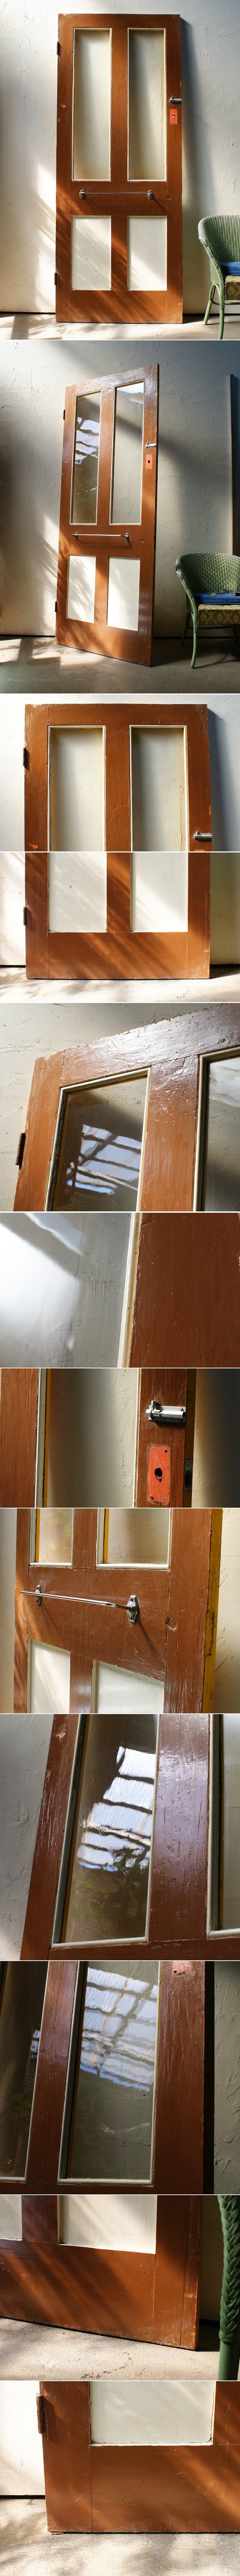 イギリスアンティーク ガラス入り木製ドア 扉 建具 ディスプレイ 4396